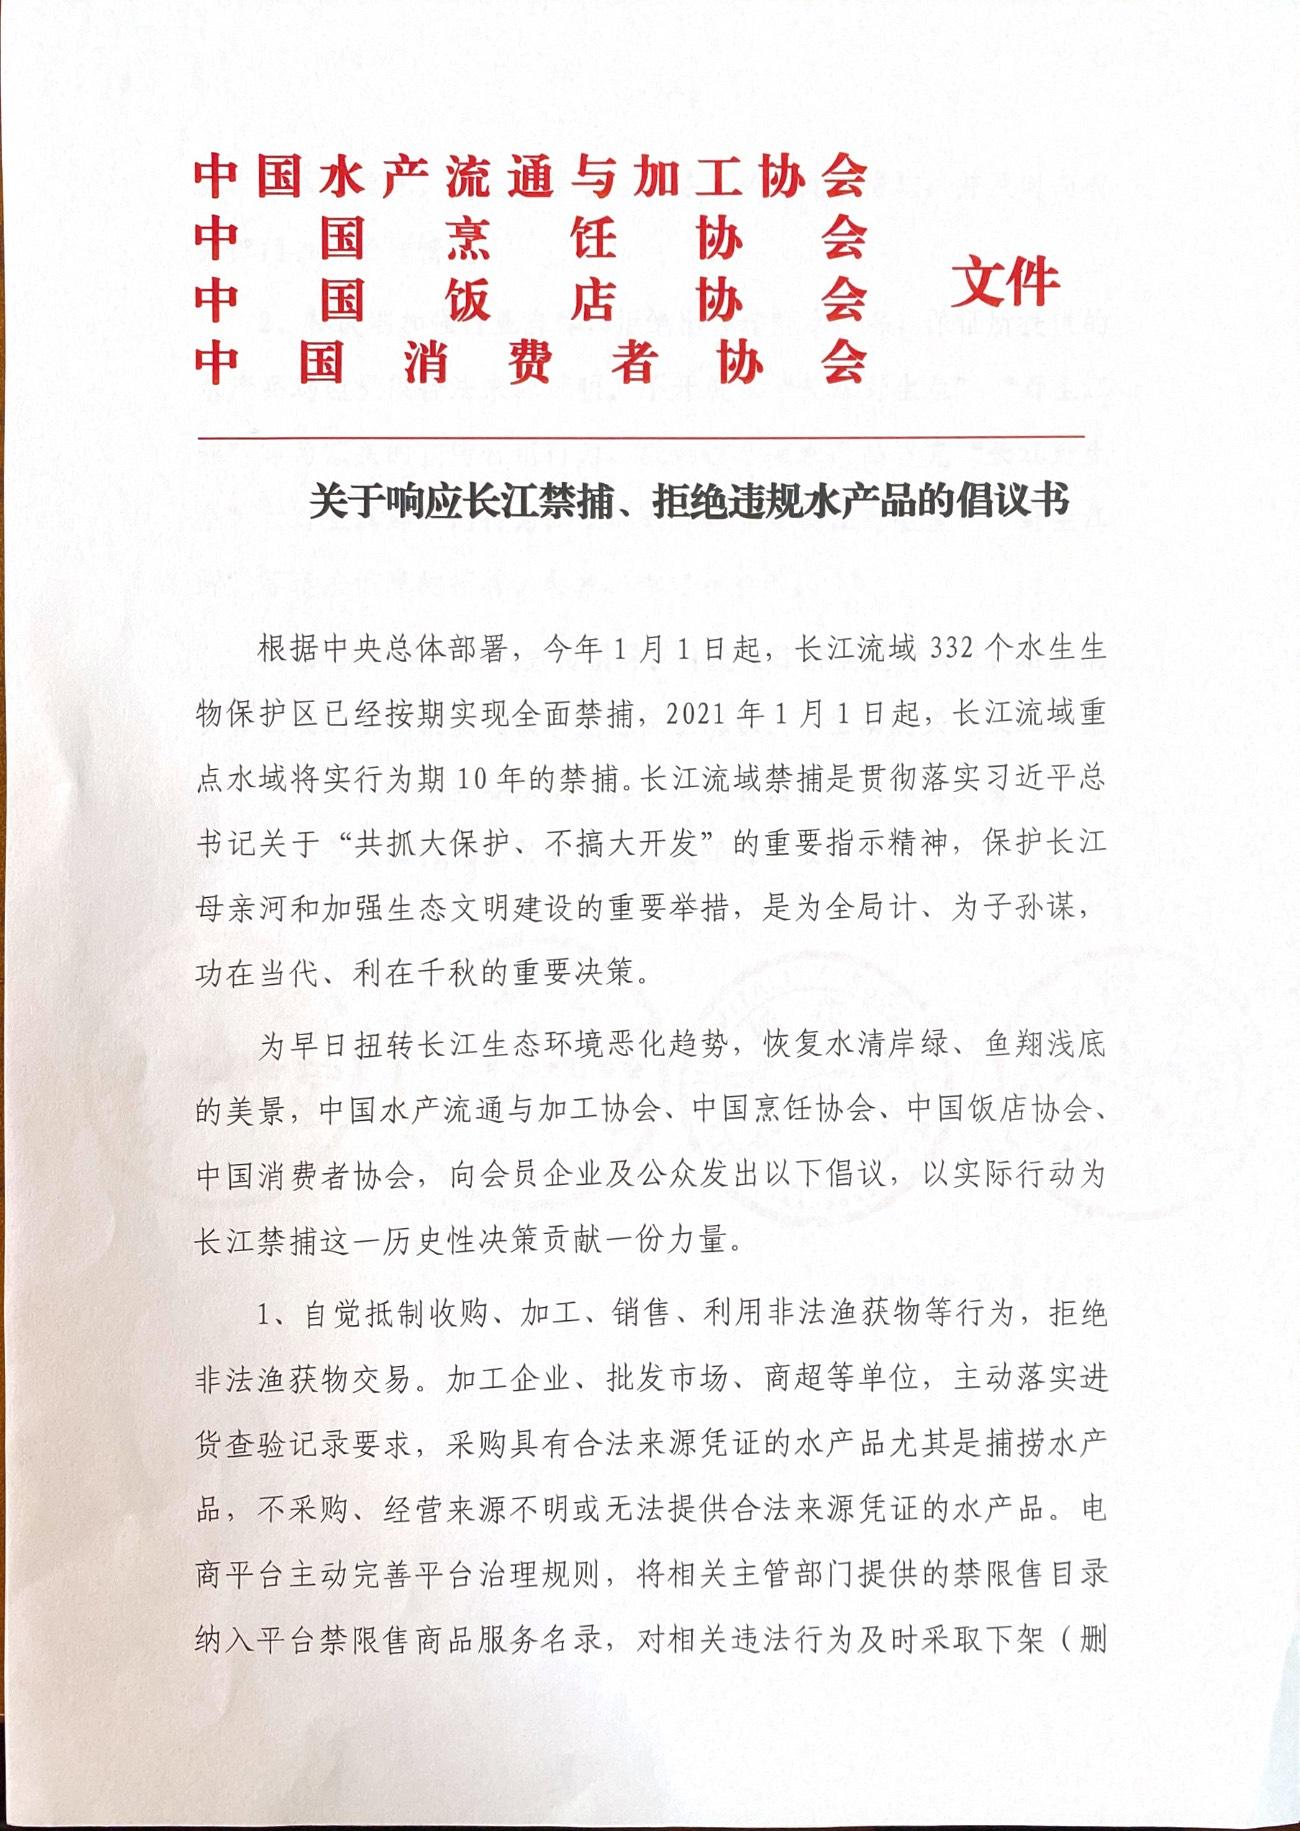 关于响应长江禁捕、拒绝违规水产品的倡议书_页面_2.jpg